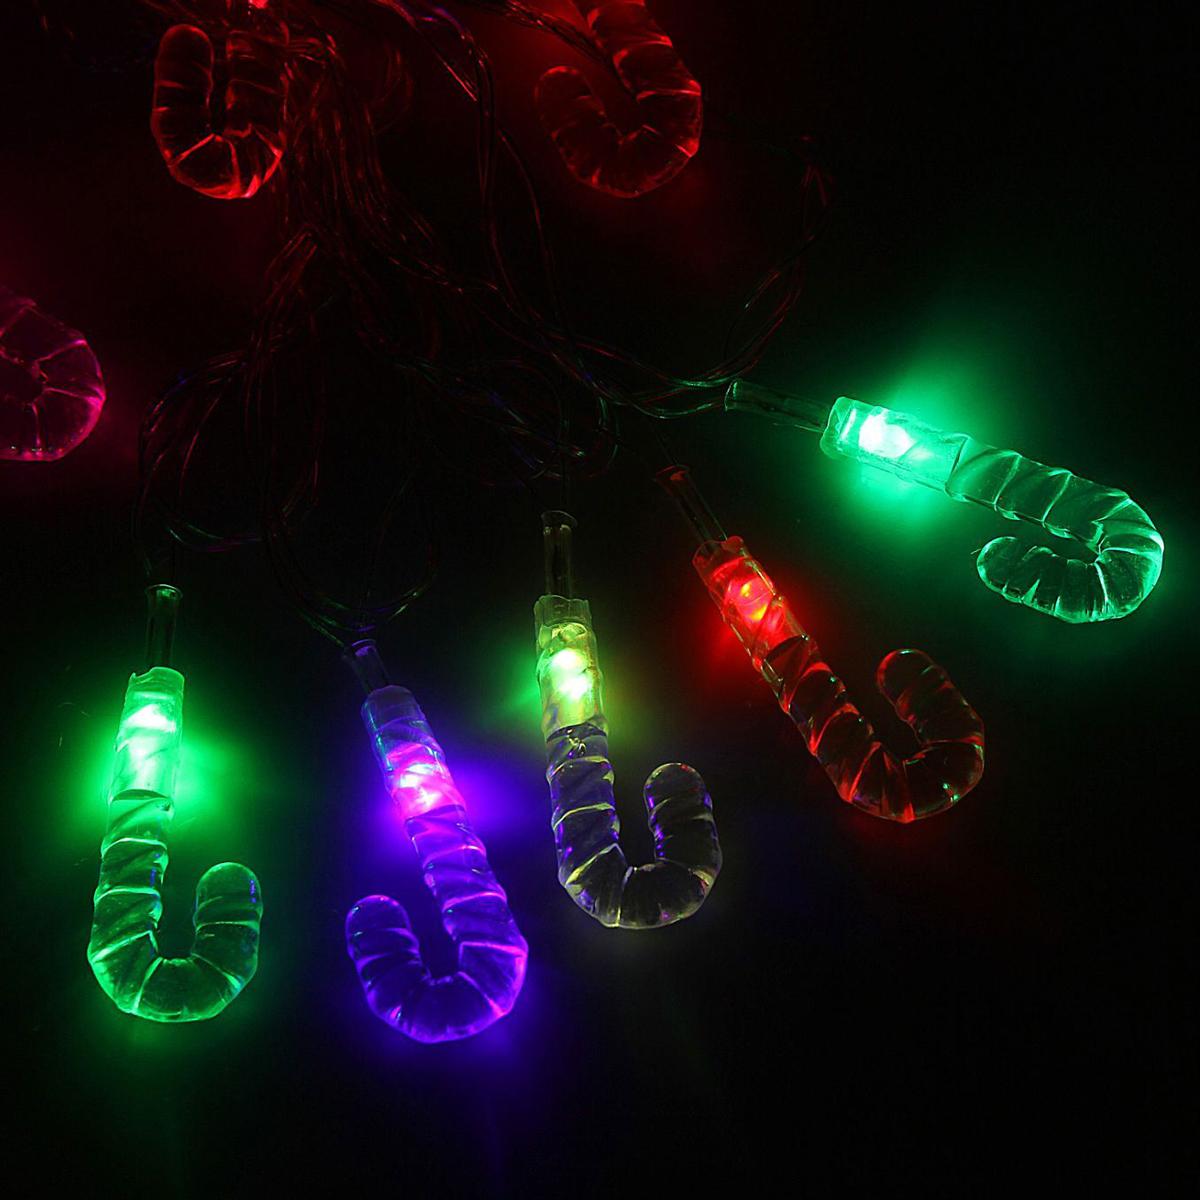 Гирлянда светодиодная Luazon Метраж. Леденец, 20 ламп, 220 V, длина 5 м1080399Светодиодные гирлянды и ленты — это отличный вариант для новогоднего оформления интерьера или фасада. С их помощью помещение любого размера можно превратить в праздничный зал, а внешние элементы зданий, украшенные ими, мгновенно станут напоминать очертания сказочного дворца. Такие украшения создают ауру предвкушения чуда. Деревья, фасады, витрины, окна и арки будто специально созданы, чтобы вы украсили их светящимися нитями.